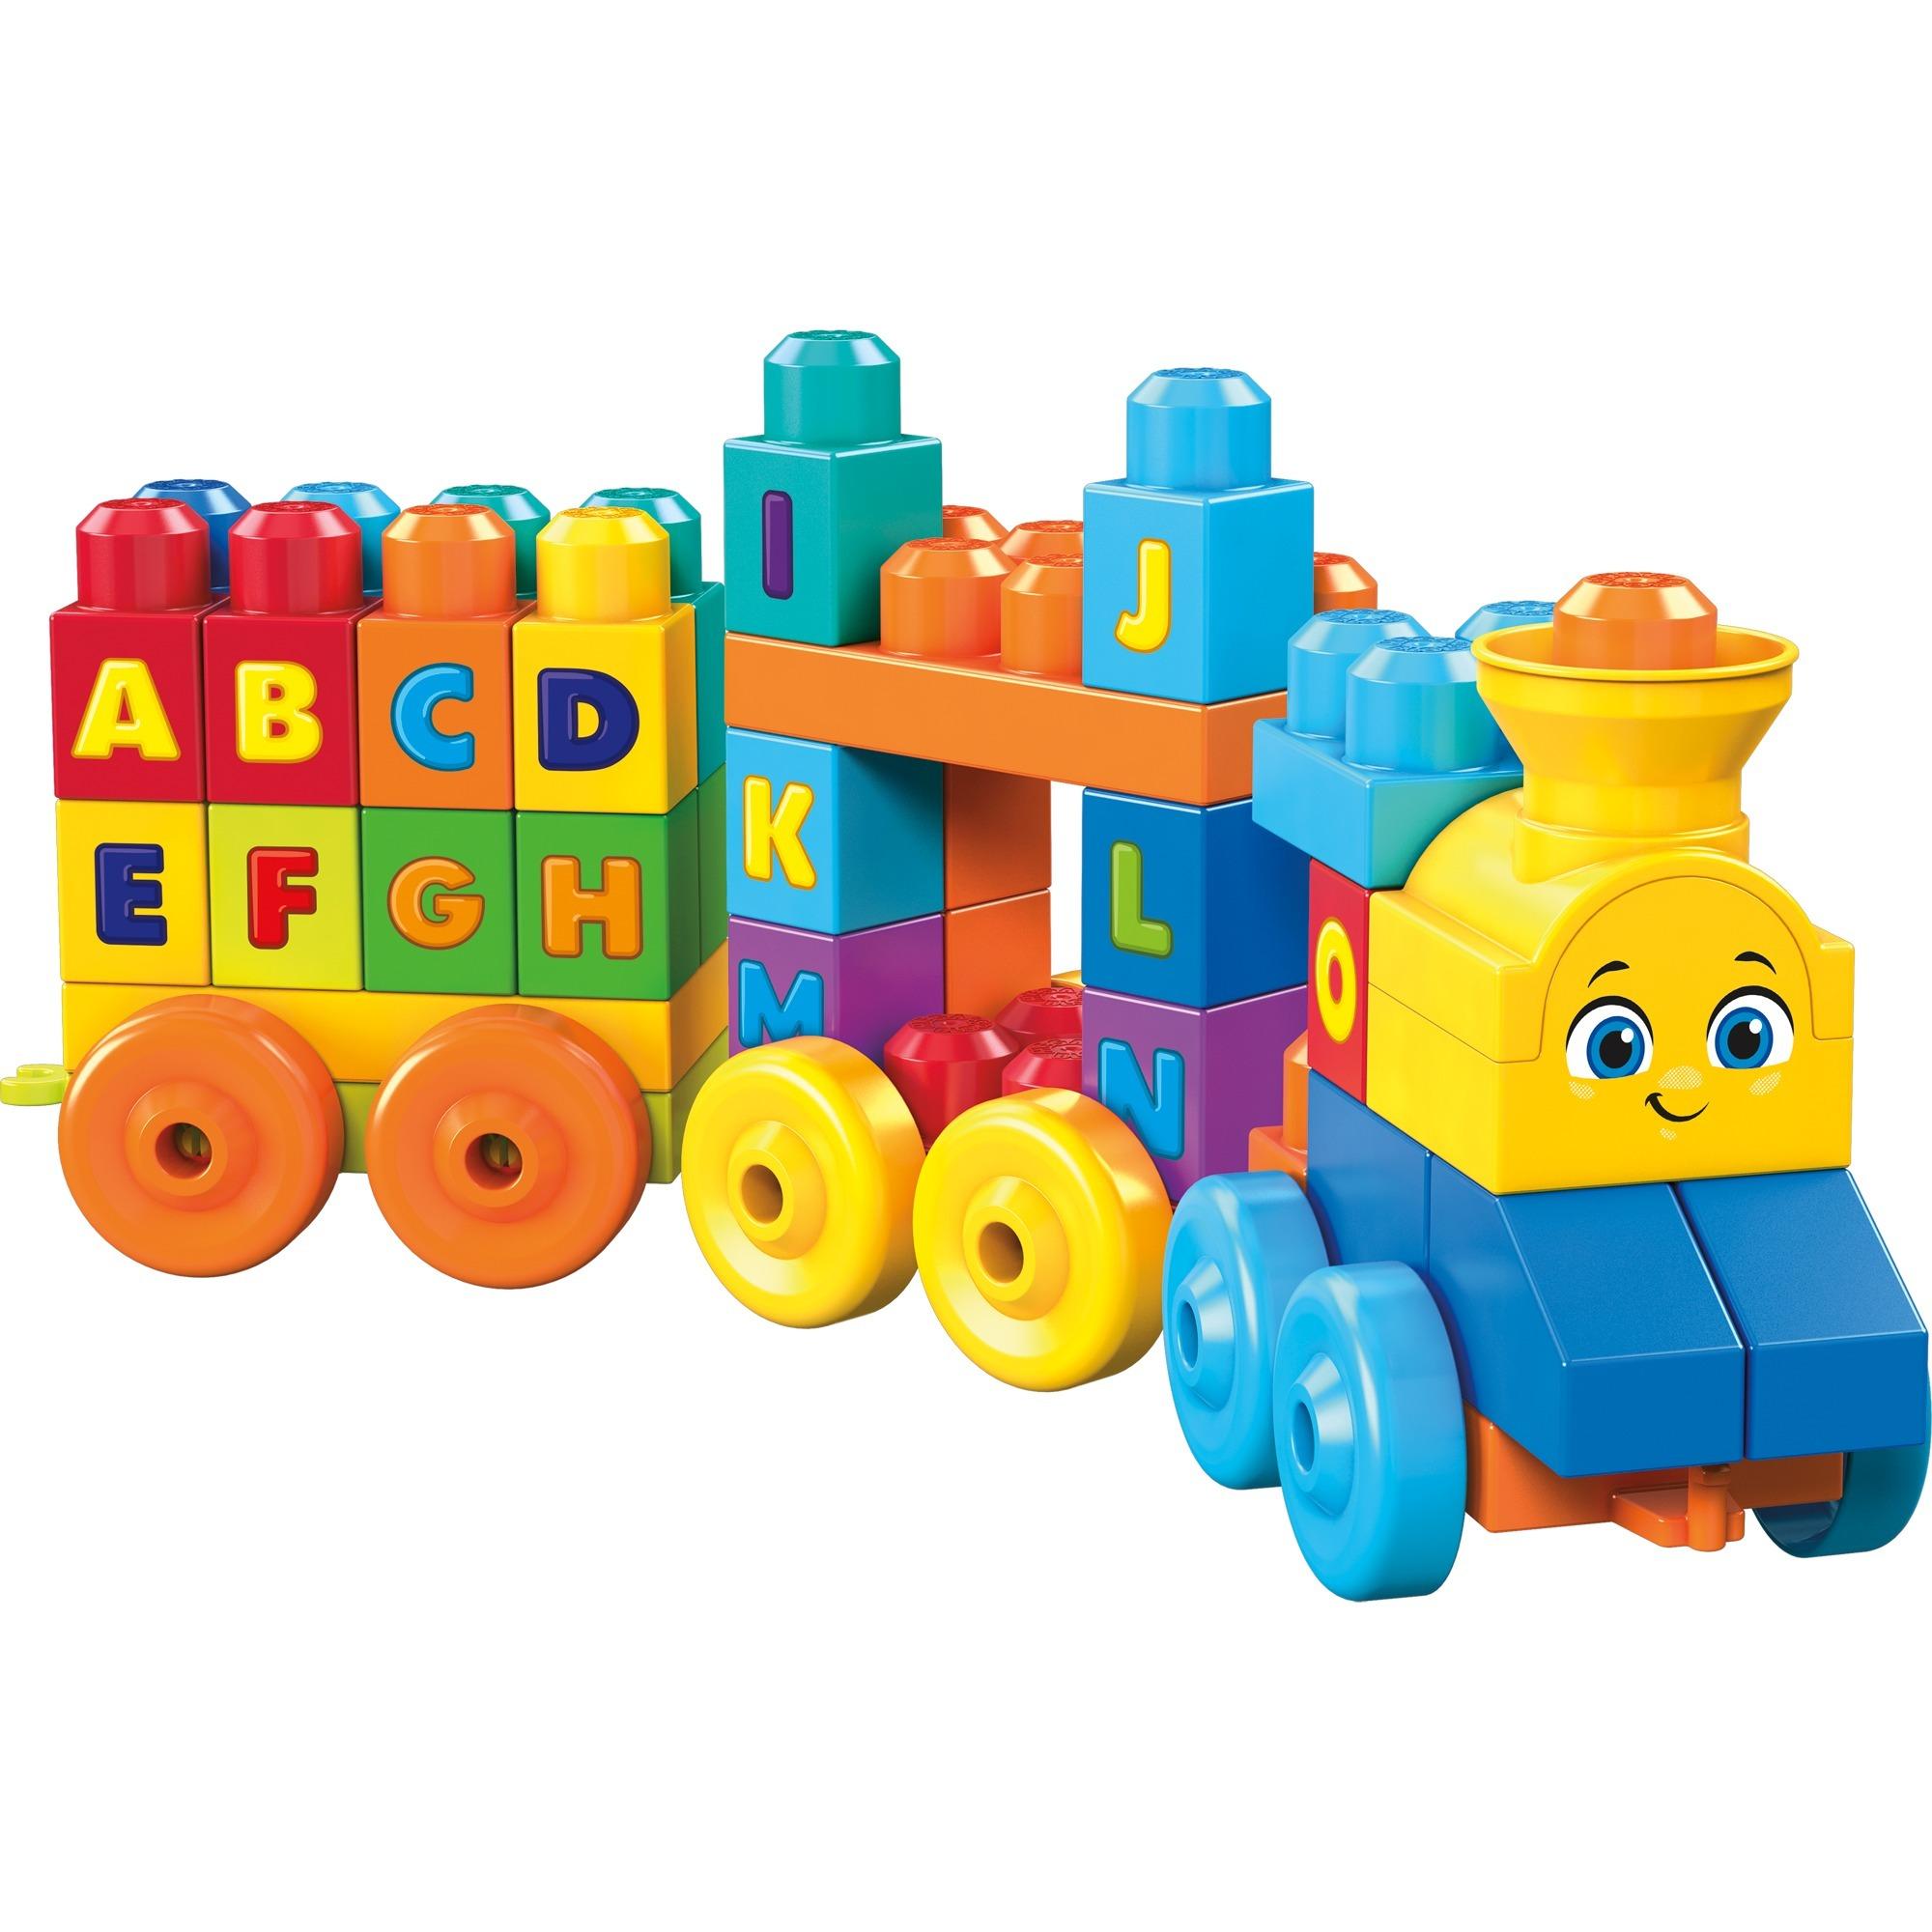 6d4915acc Fisher-Price FWK22 bloque de construcción de juguete, Juegos de construcción  Multicolor, 50 pieza(s), Carta, Preescolar, Niño/niña, 0,5 año(s)